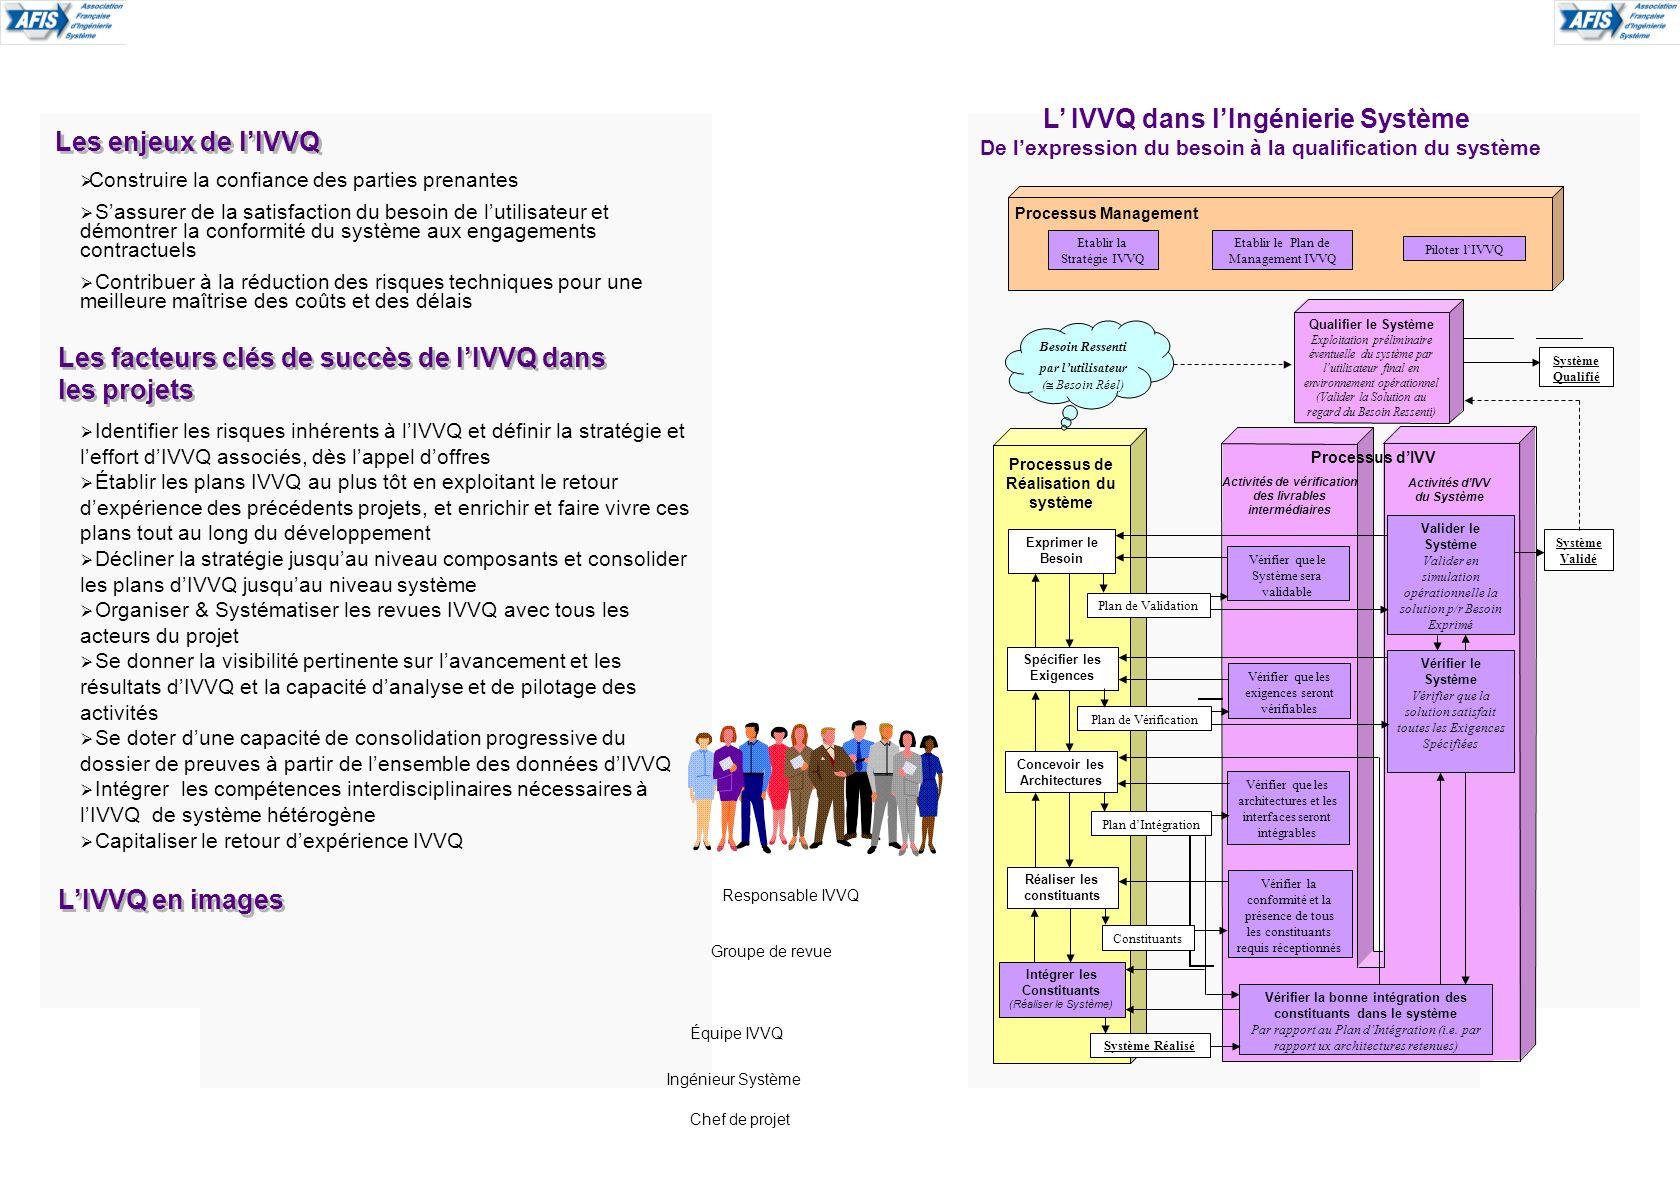 L' IVVQ dans l'Ingénierie Système Les enjeux de l'IVVQ